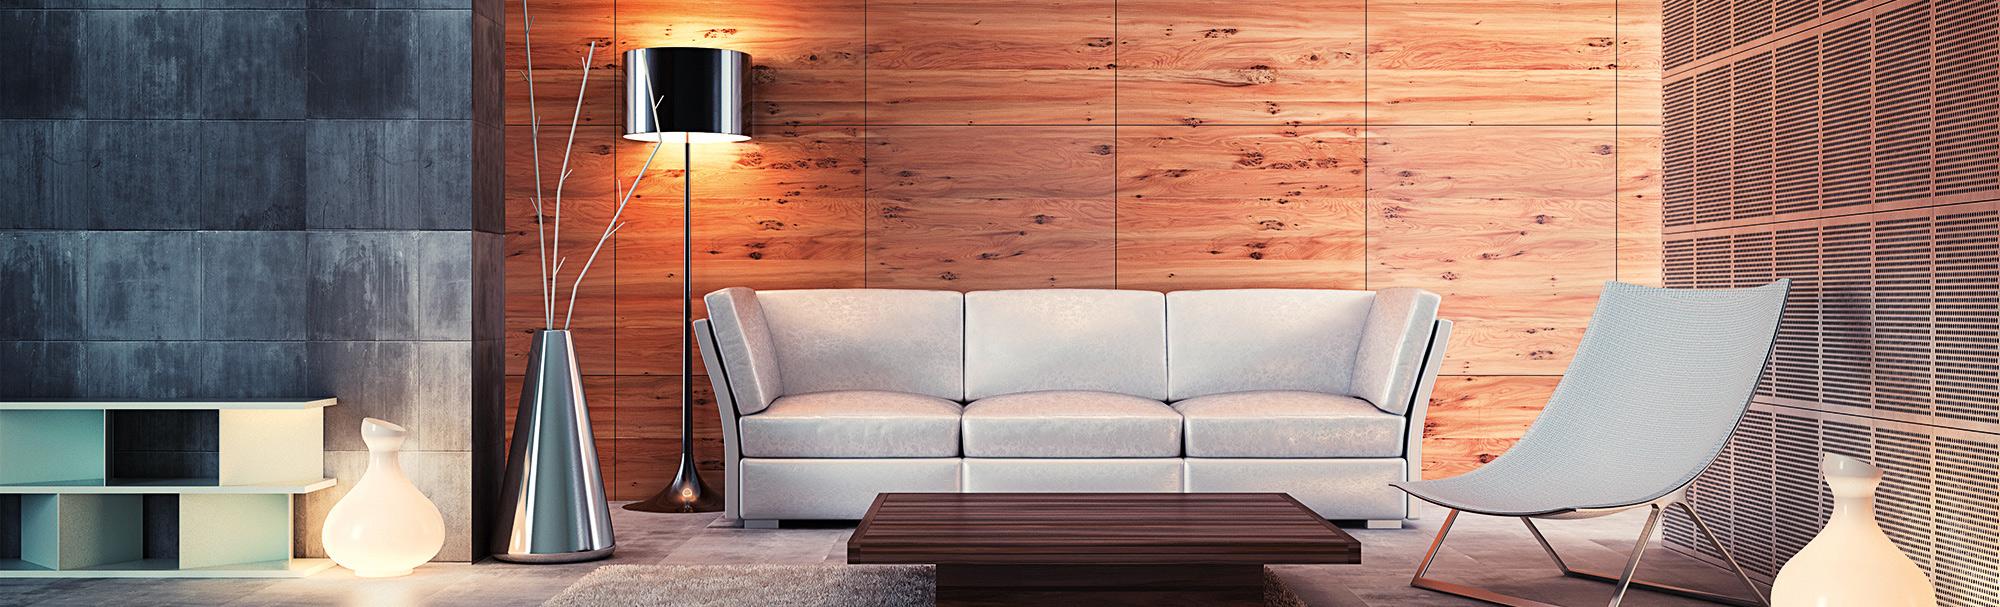 Binnenkijken in een smart home